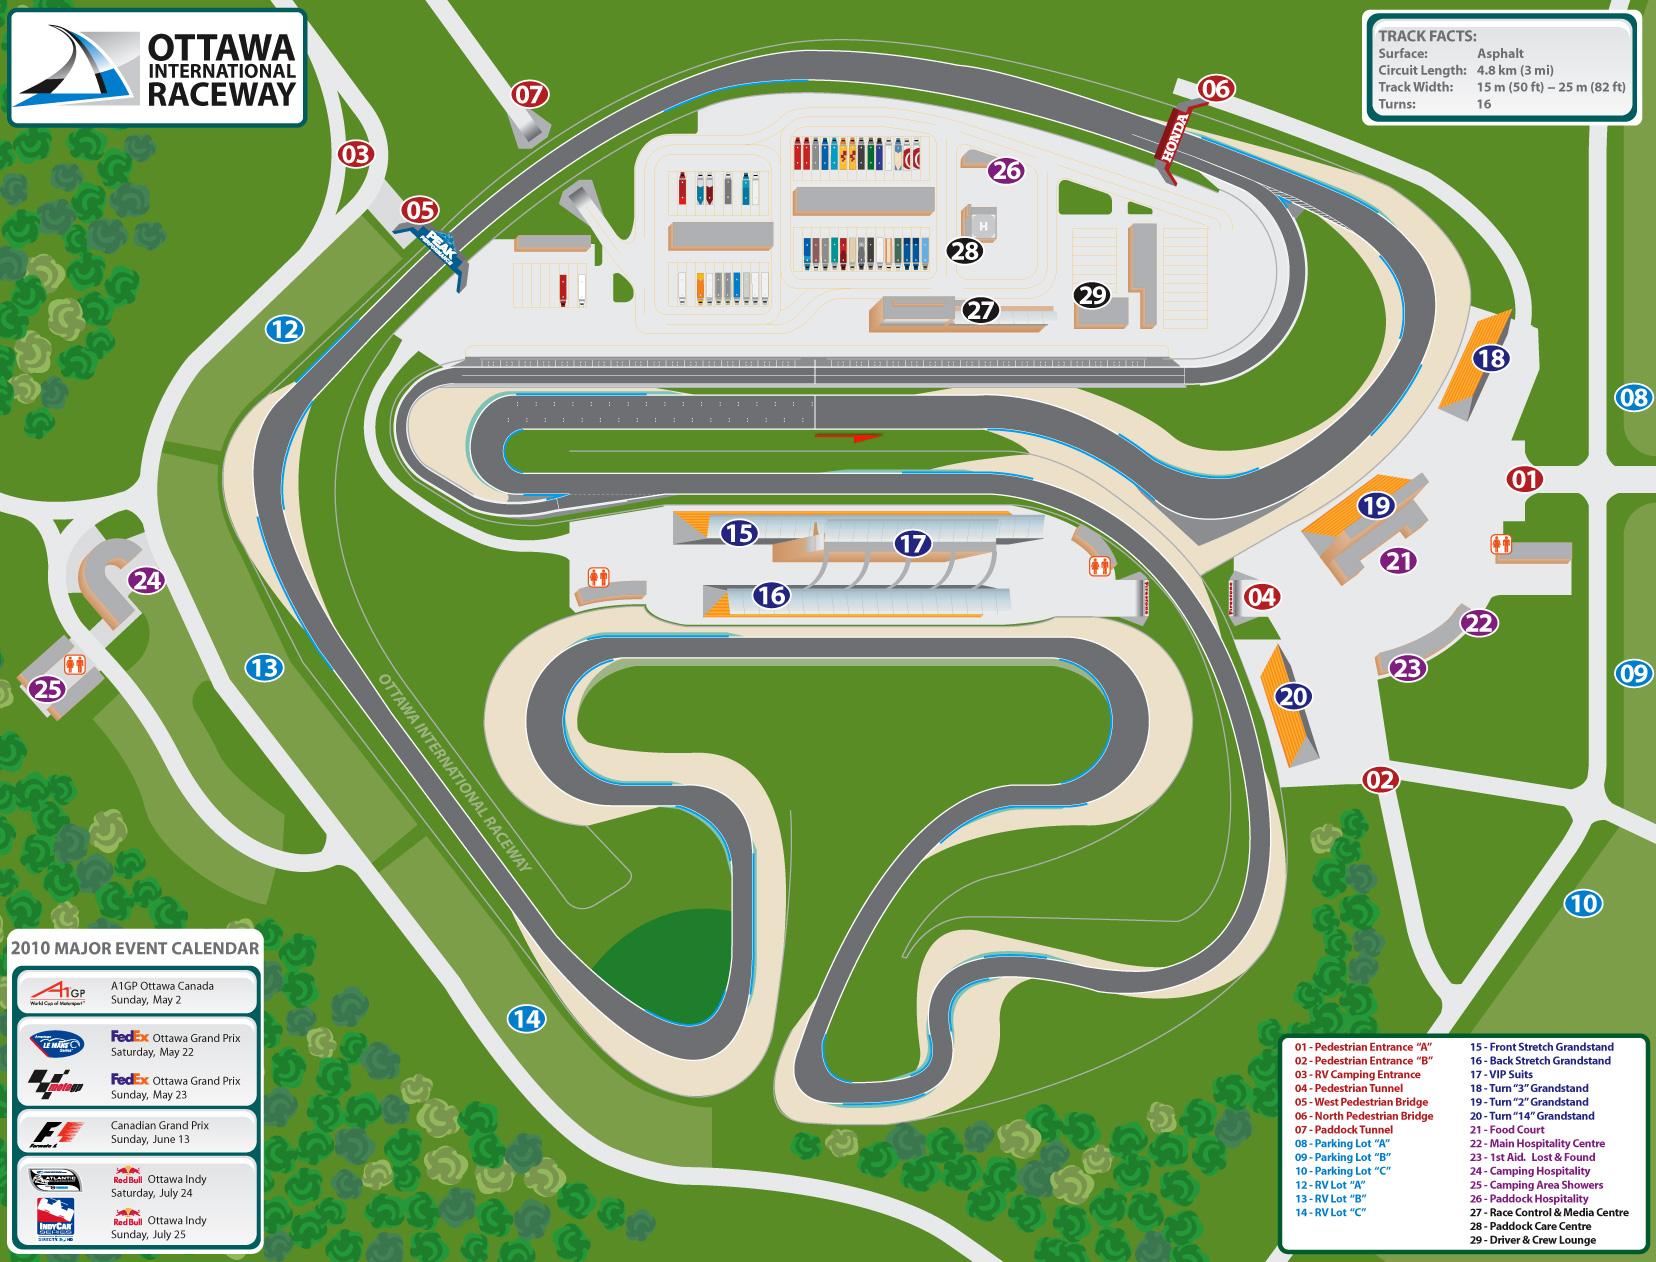 Mid Ohio Sports Car Course 2 Mid Ohio Sports Car Course